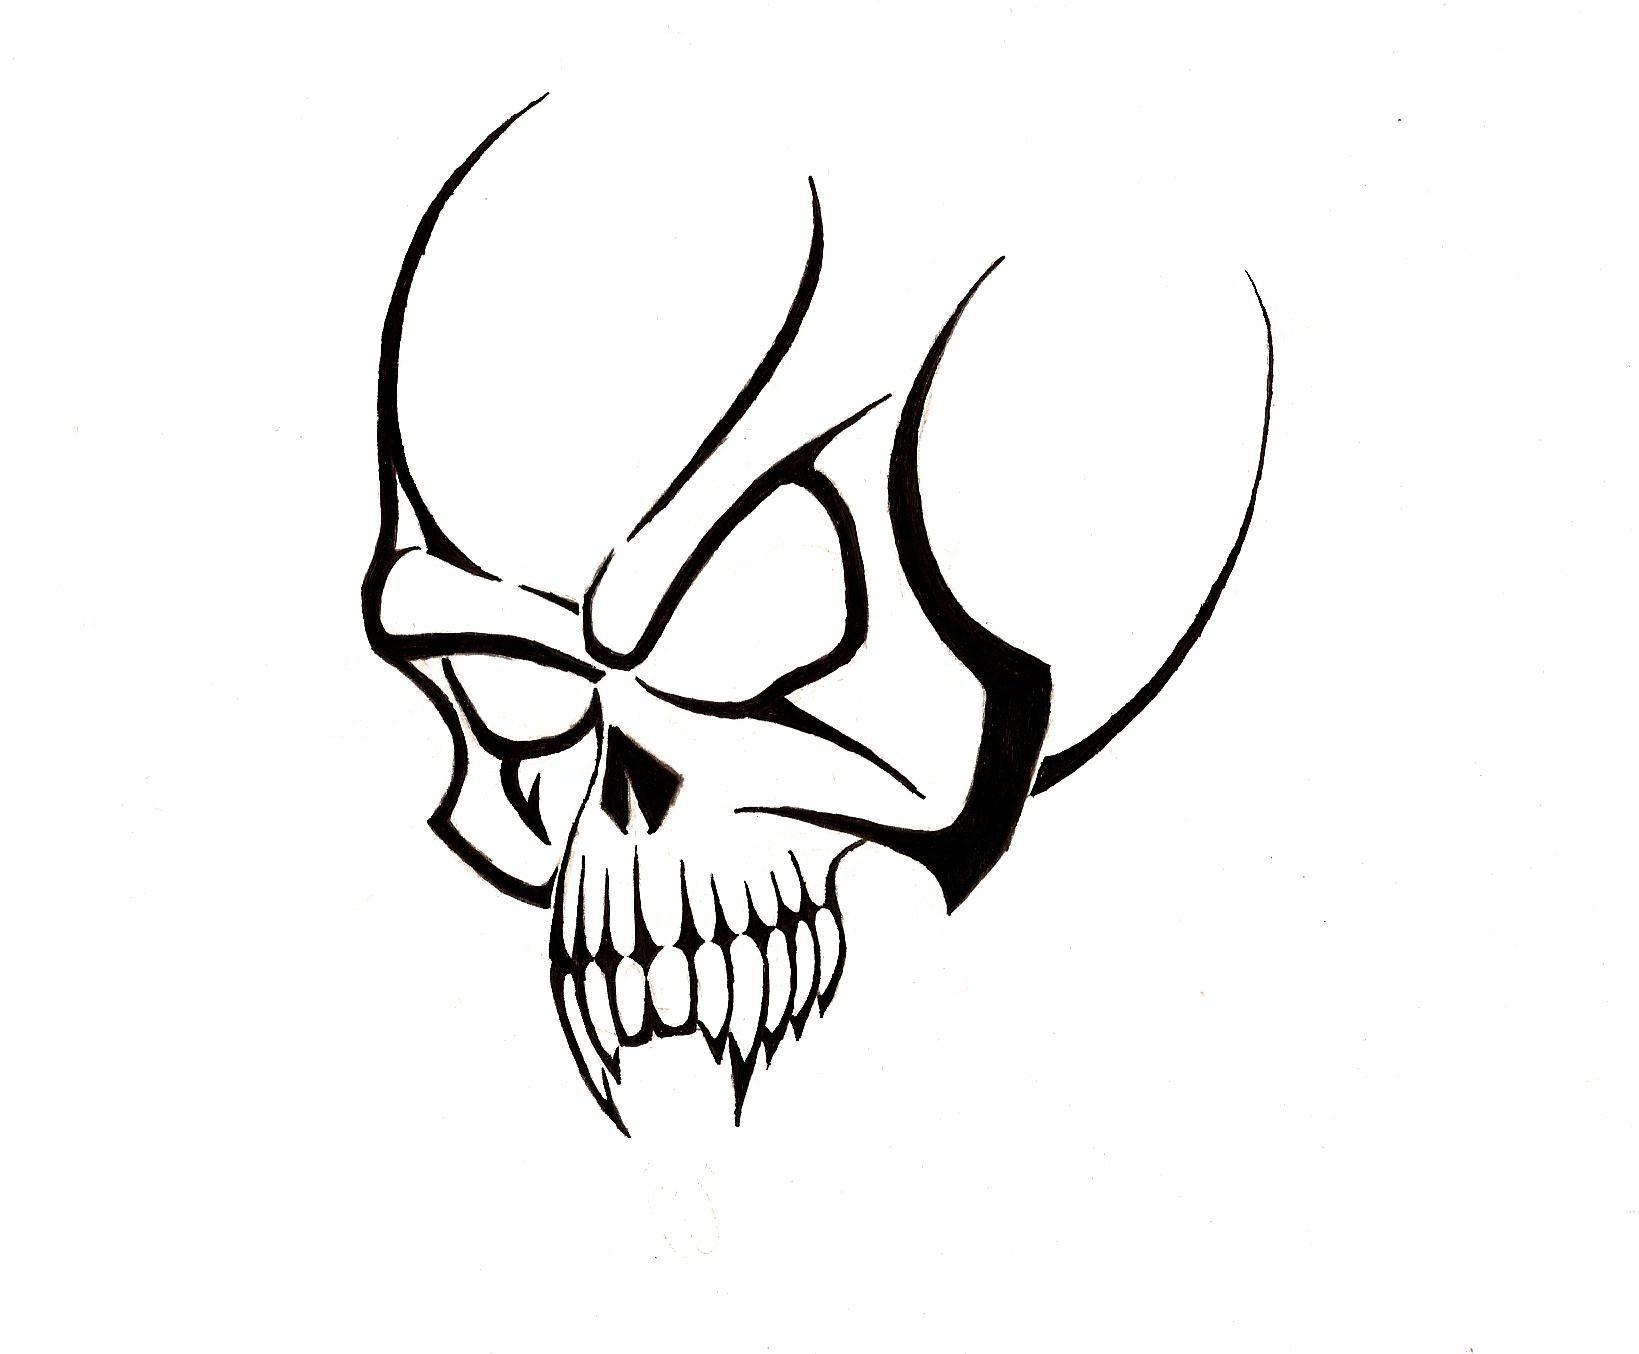 Simple skull tattoo designs -